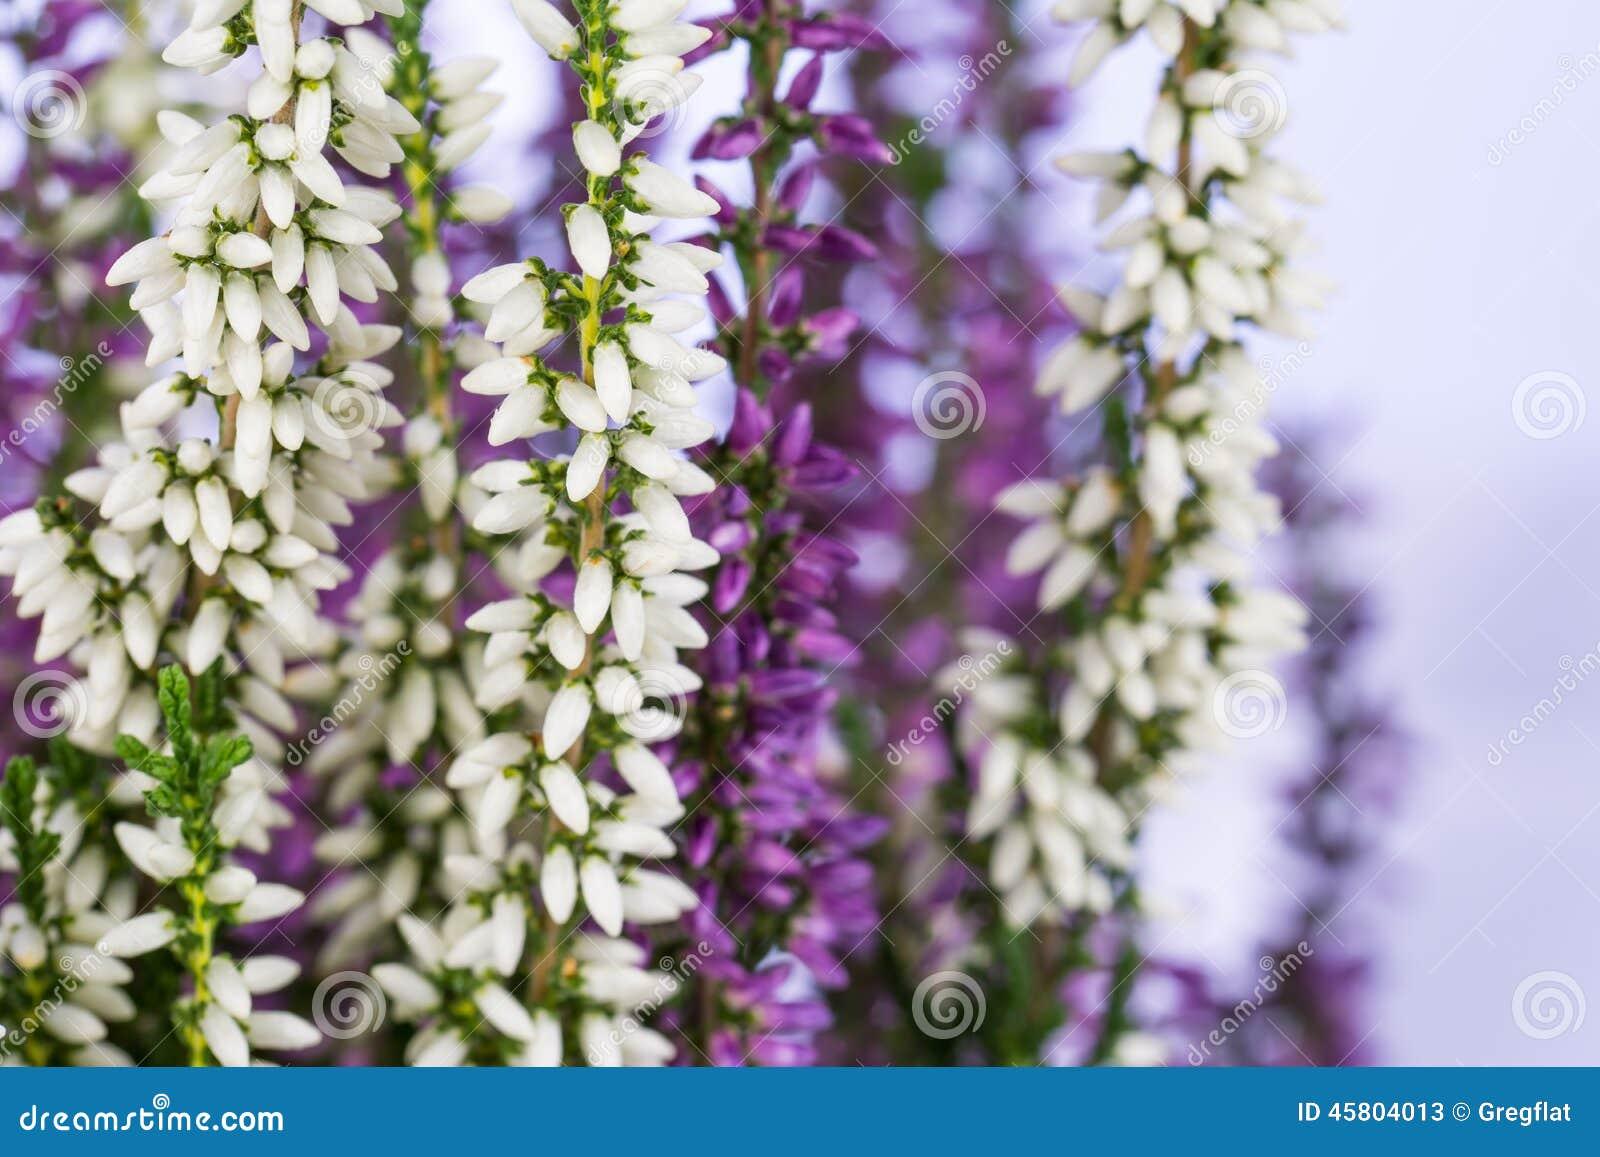 White And Purple Heather Flowers Stock Image Image Of Botanical